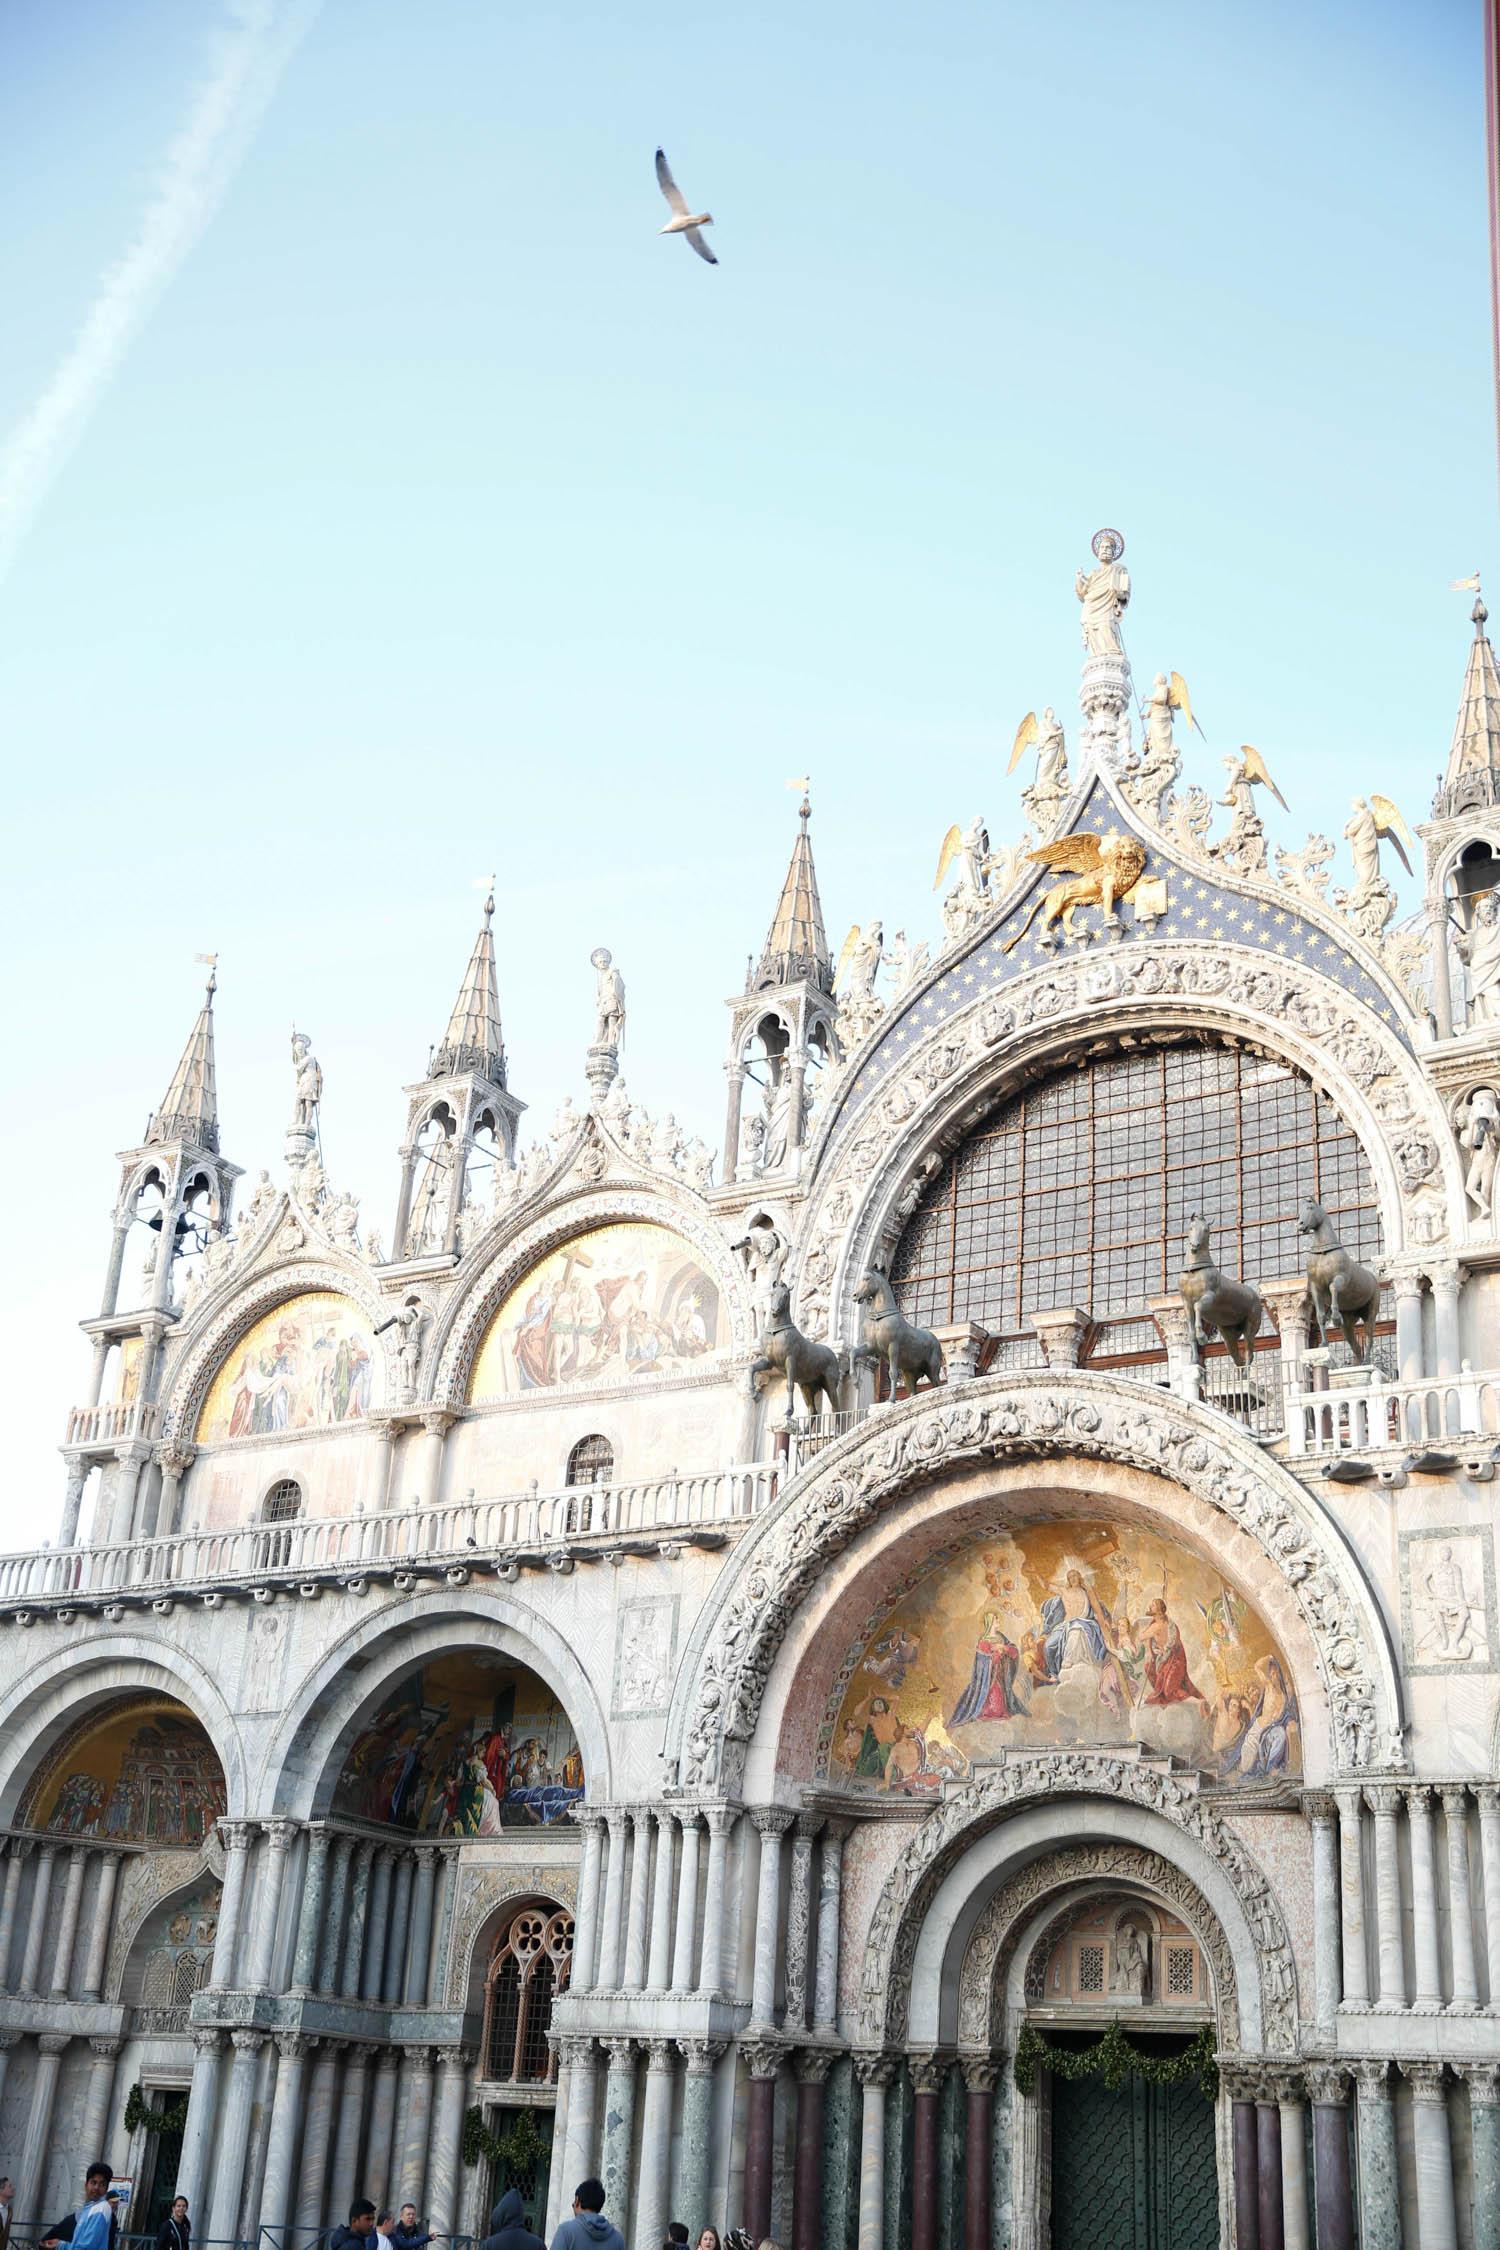 venice, italy, venezia, venice travel diary, alyson haley, st. mark's square